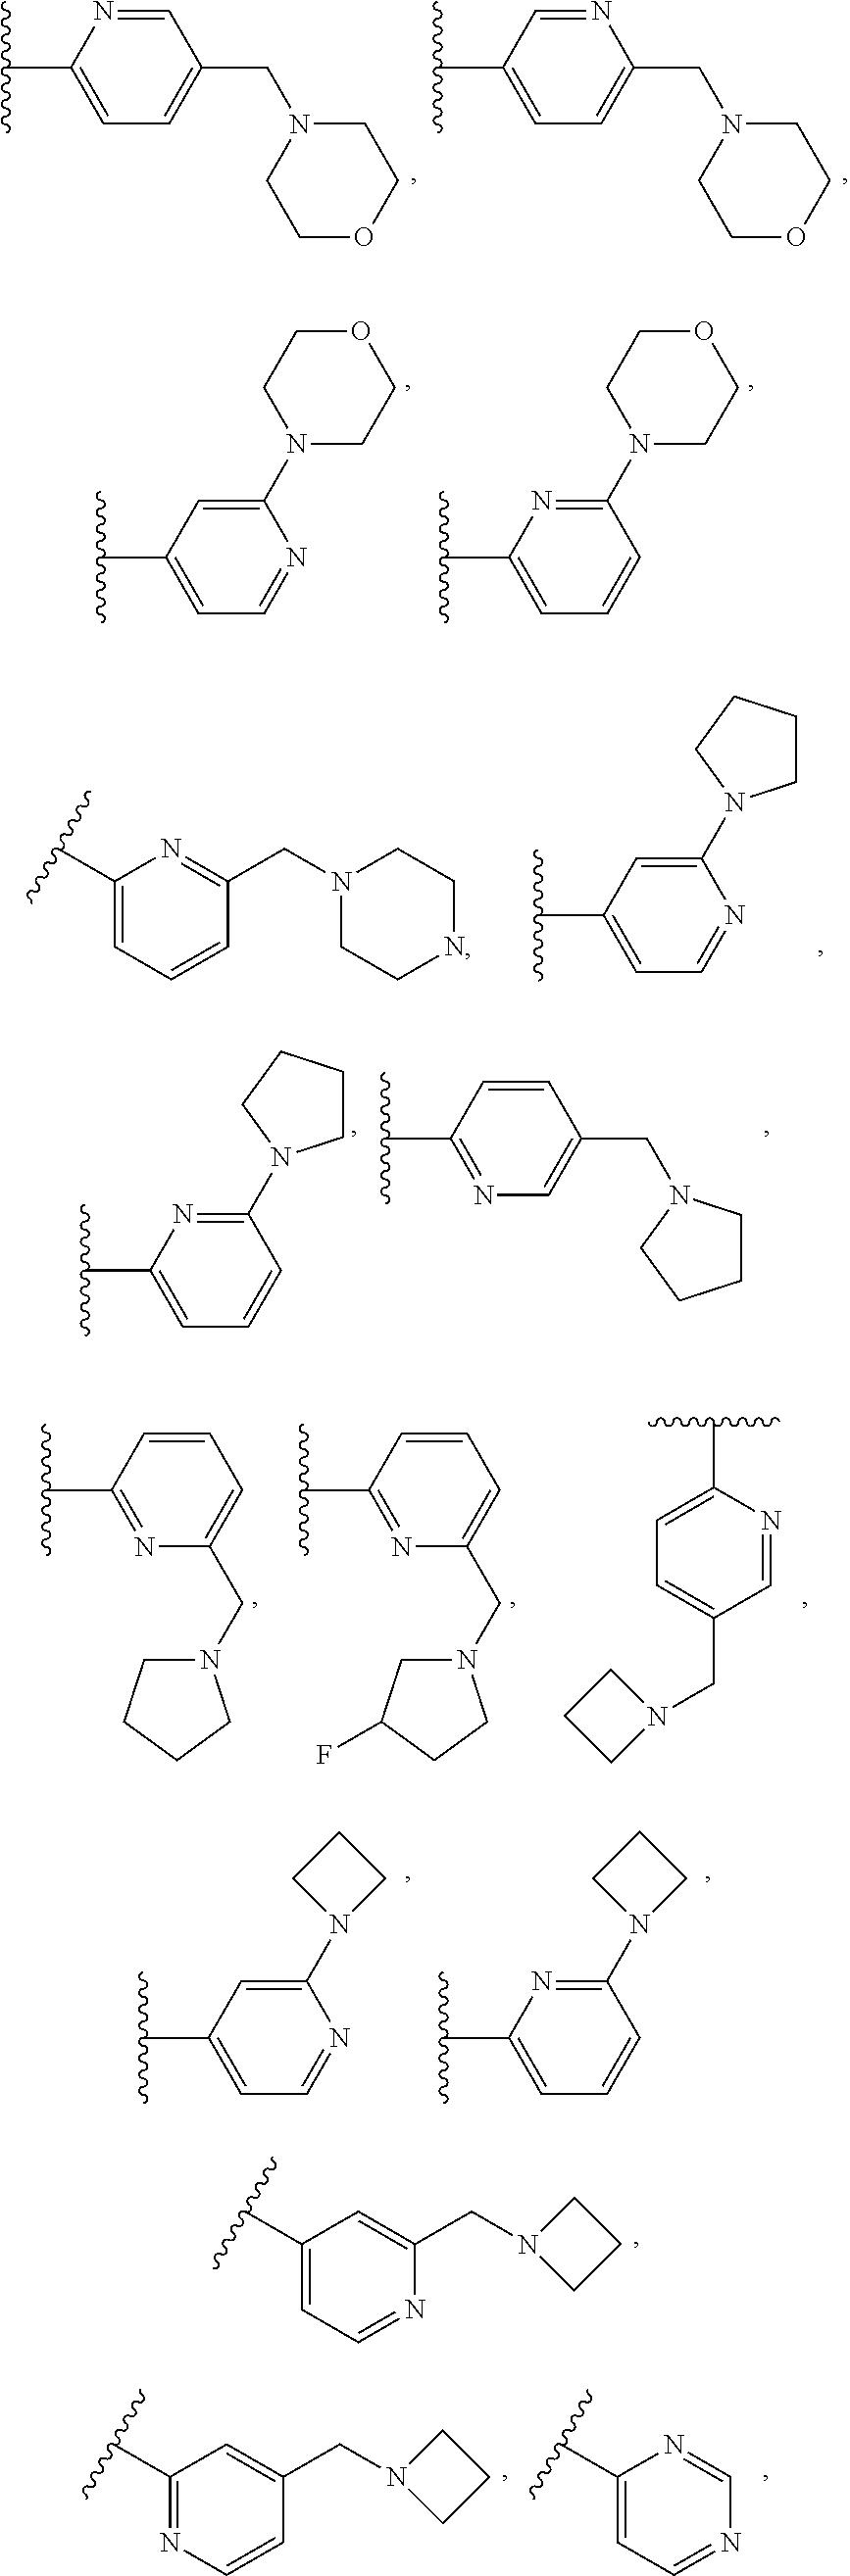 Figure US09326986-20160503-C00361